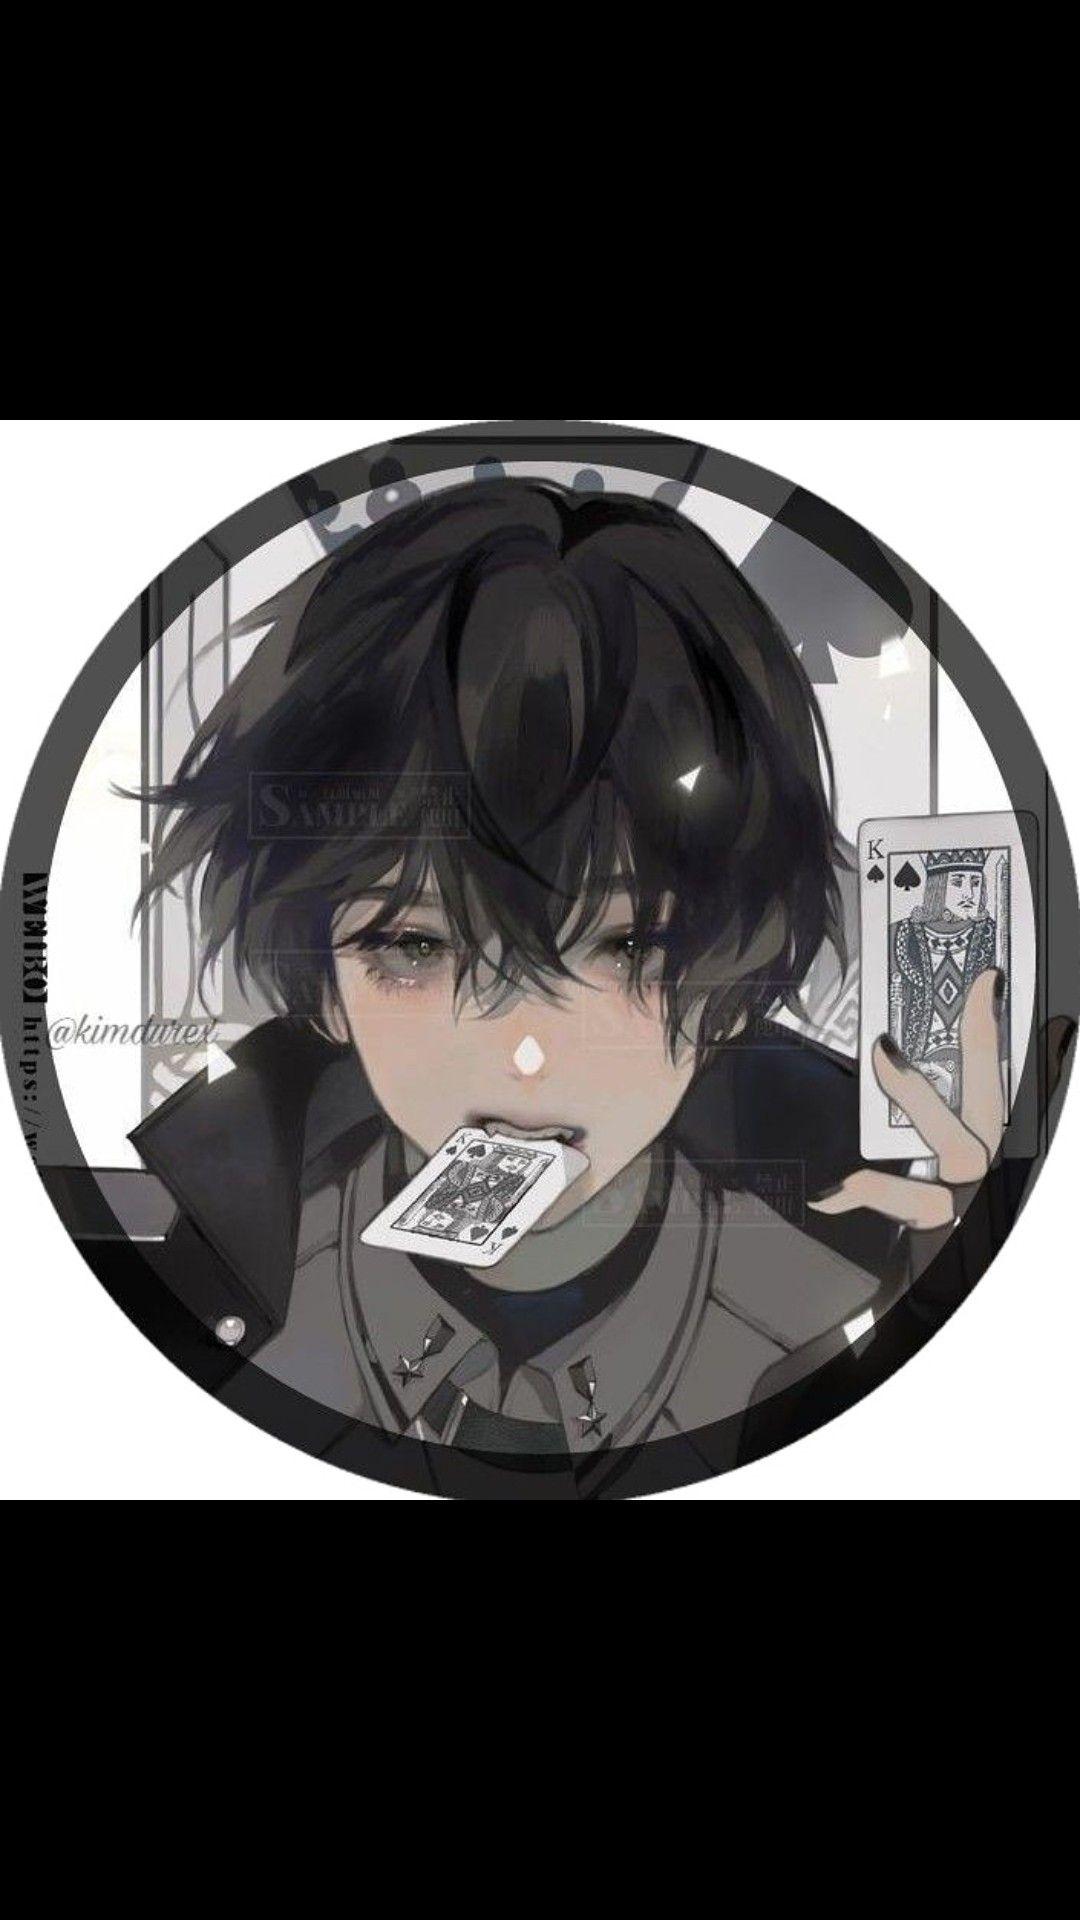 افترات انمي Anime Icons Cute Anime Character Dark Anime